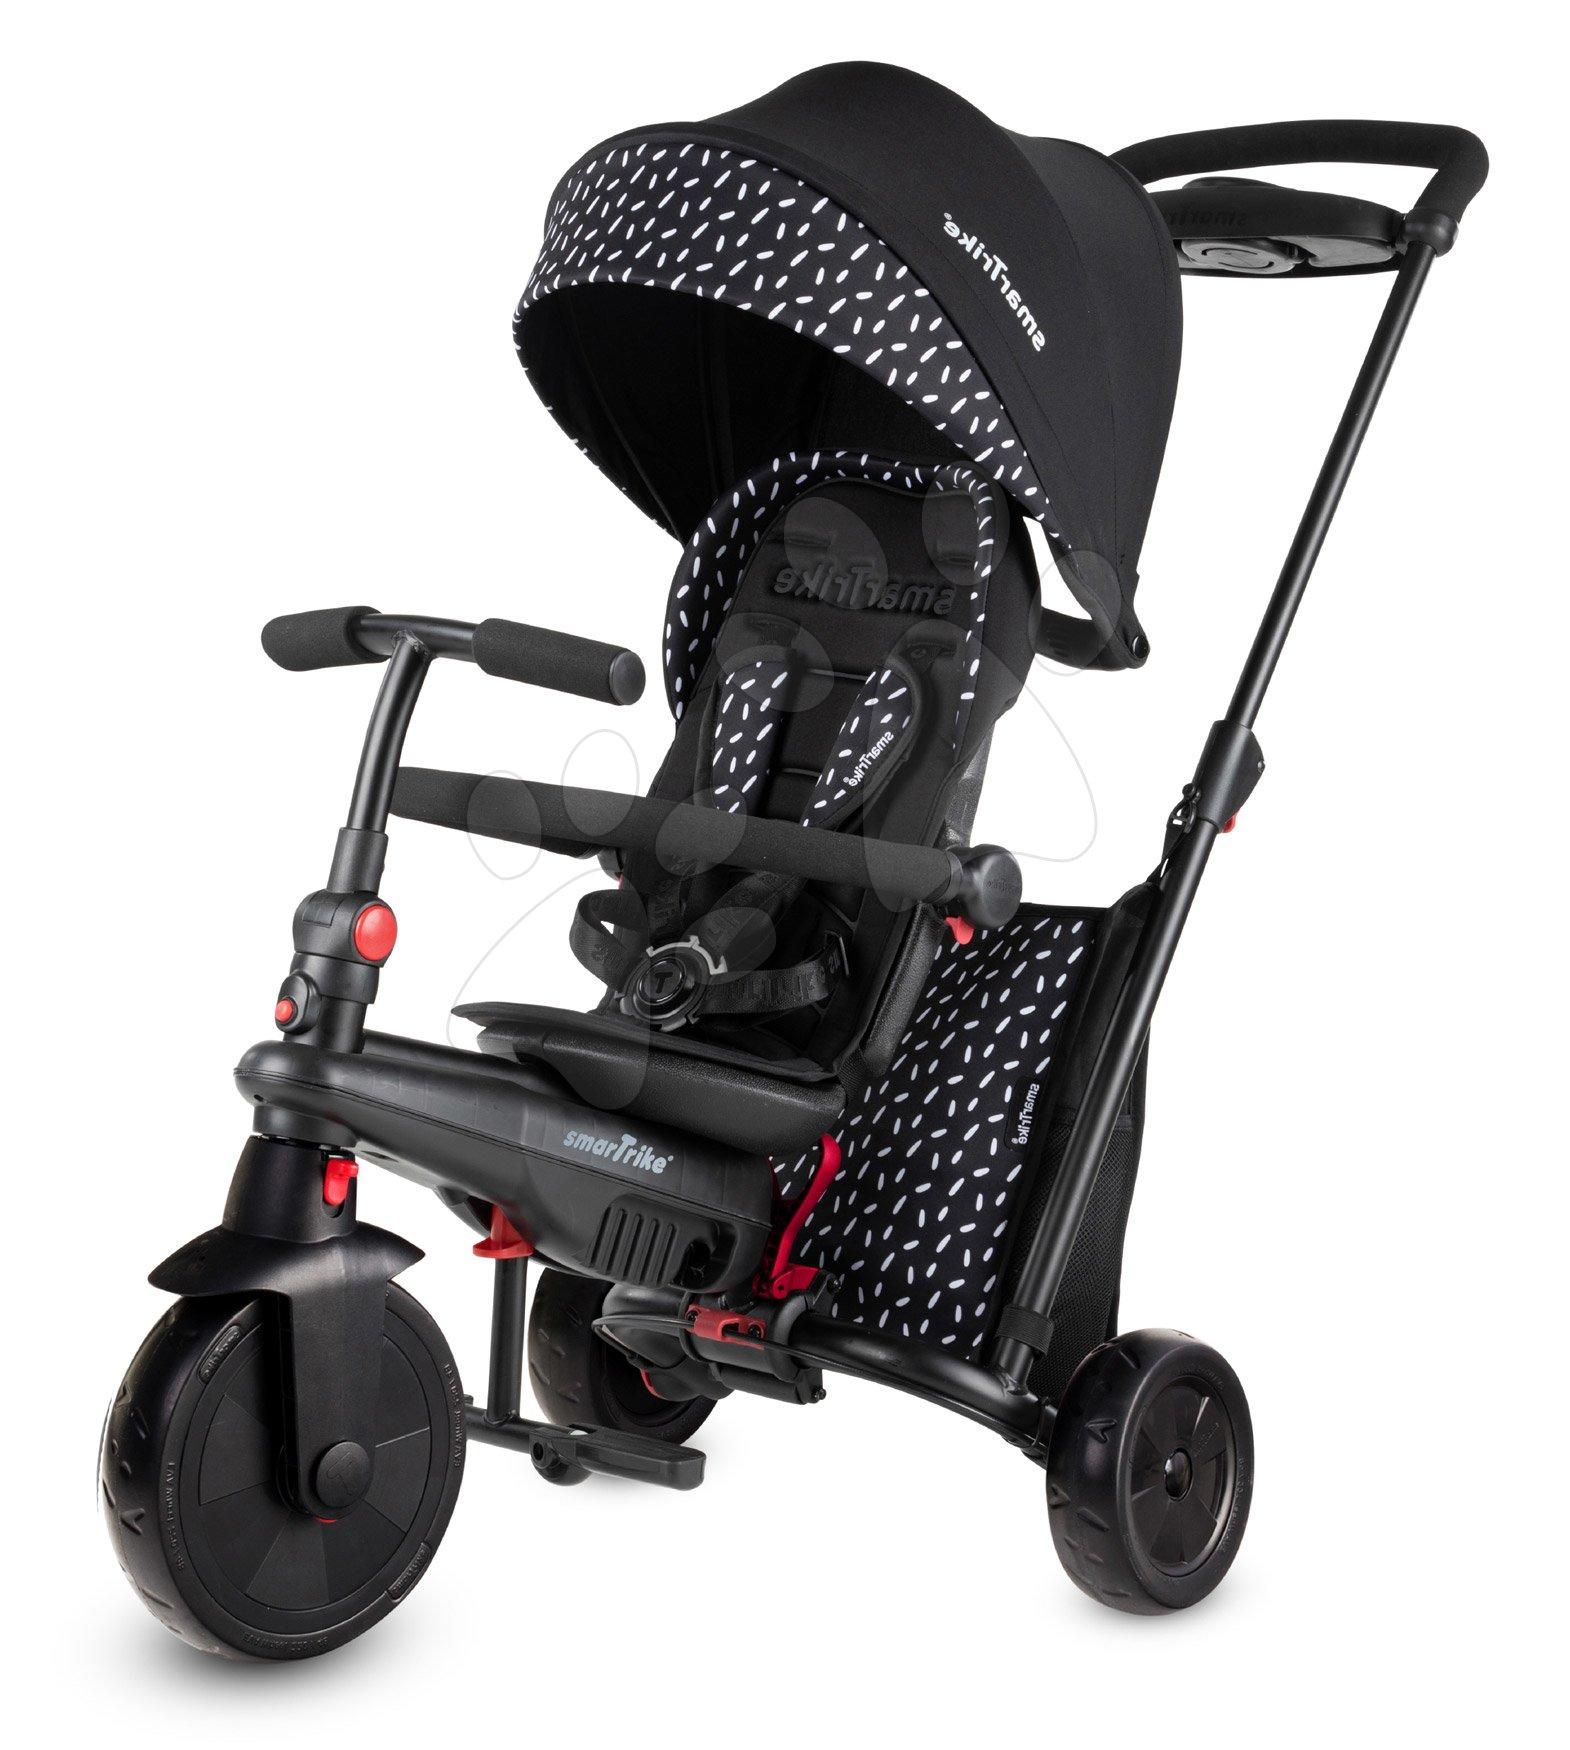 Tricicletă pliabilă smarTfold 600 S Black&White 7în1 smarTrike de lux Touch Steering căptușită roți EVA de la 9 luni